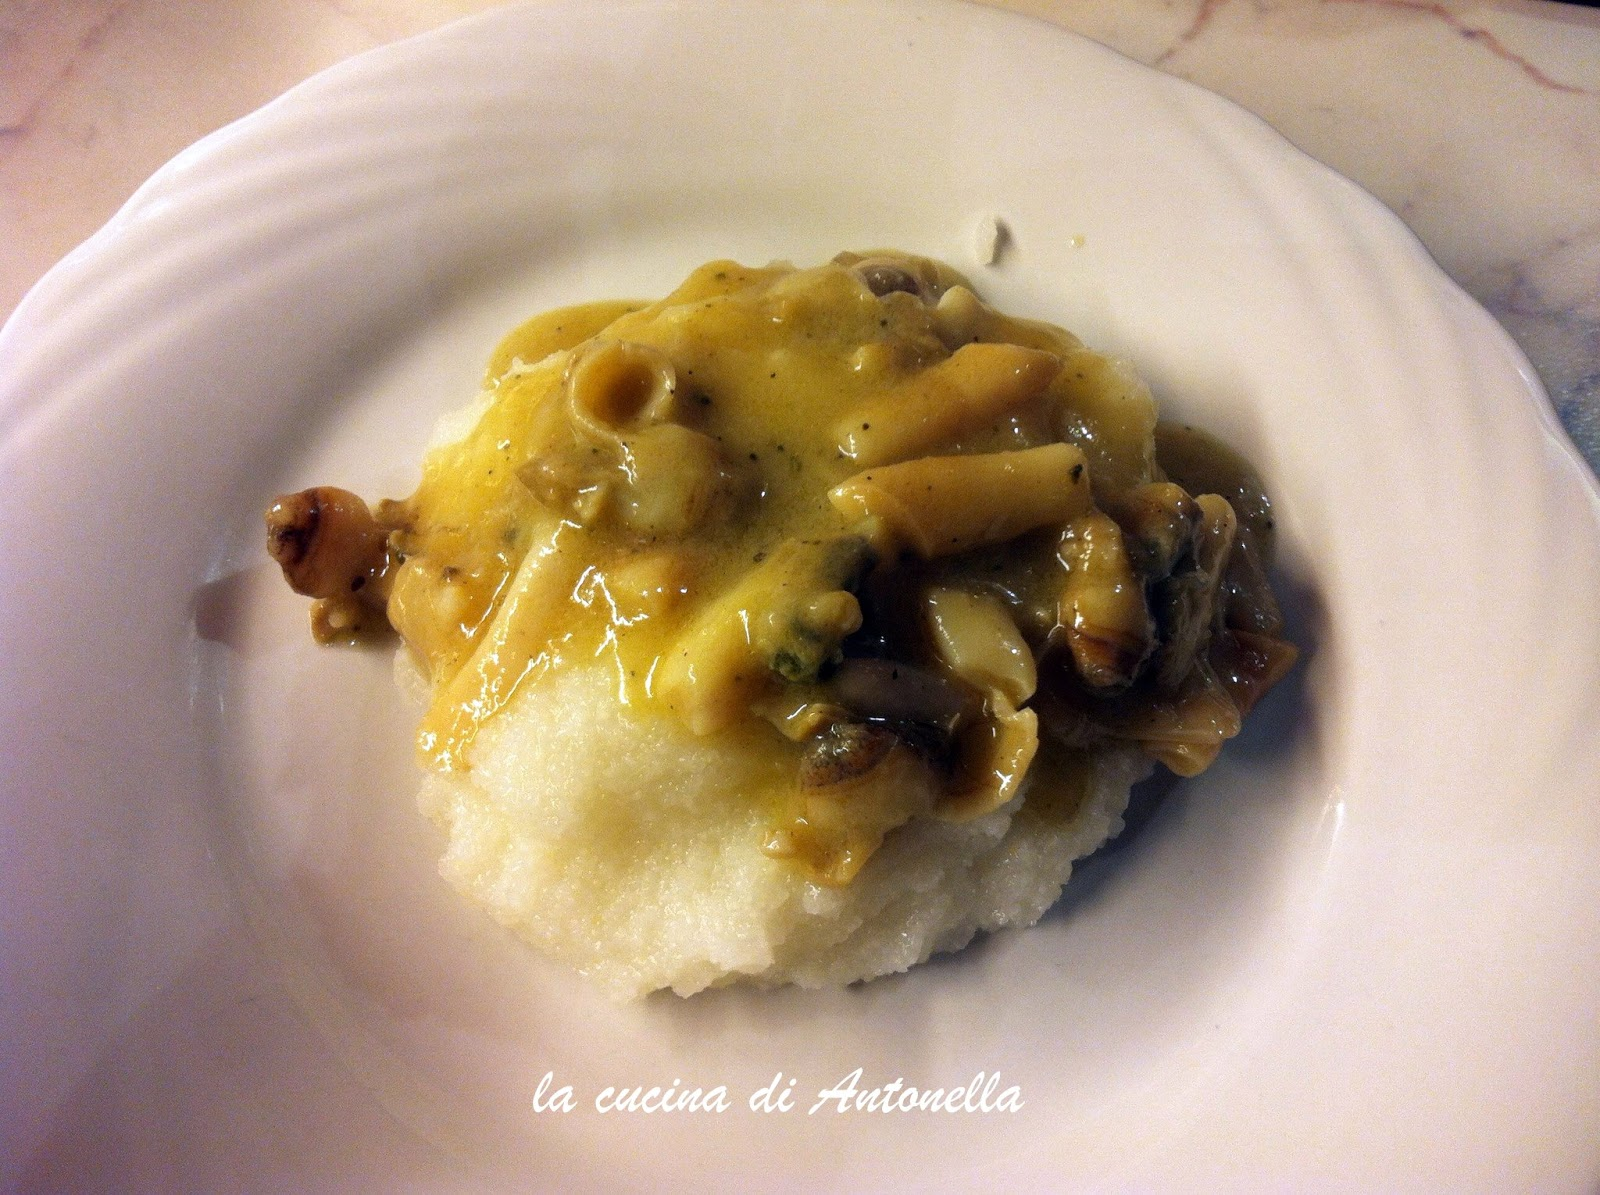 La cucina di antonella capelonghe in boreto alla graisana - La cucina di antonella ...